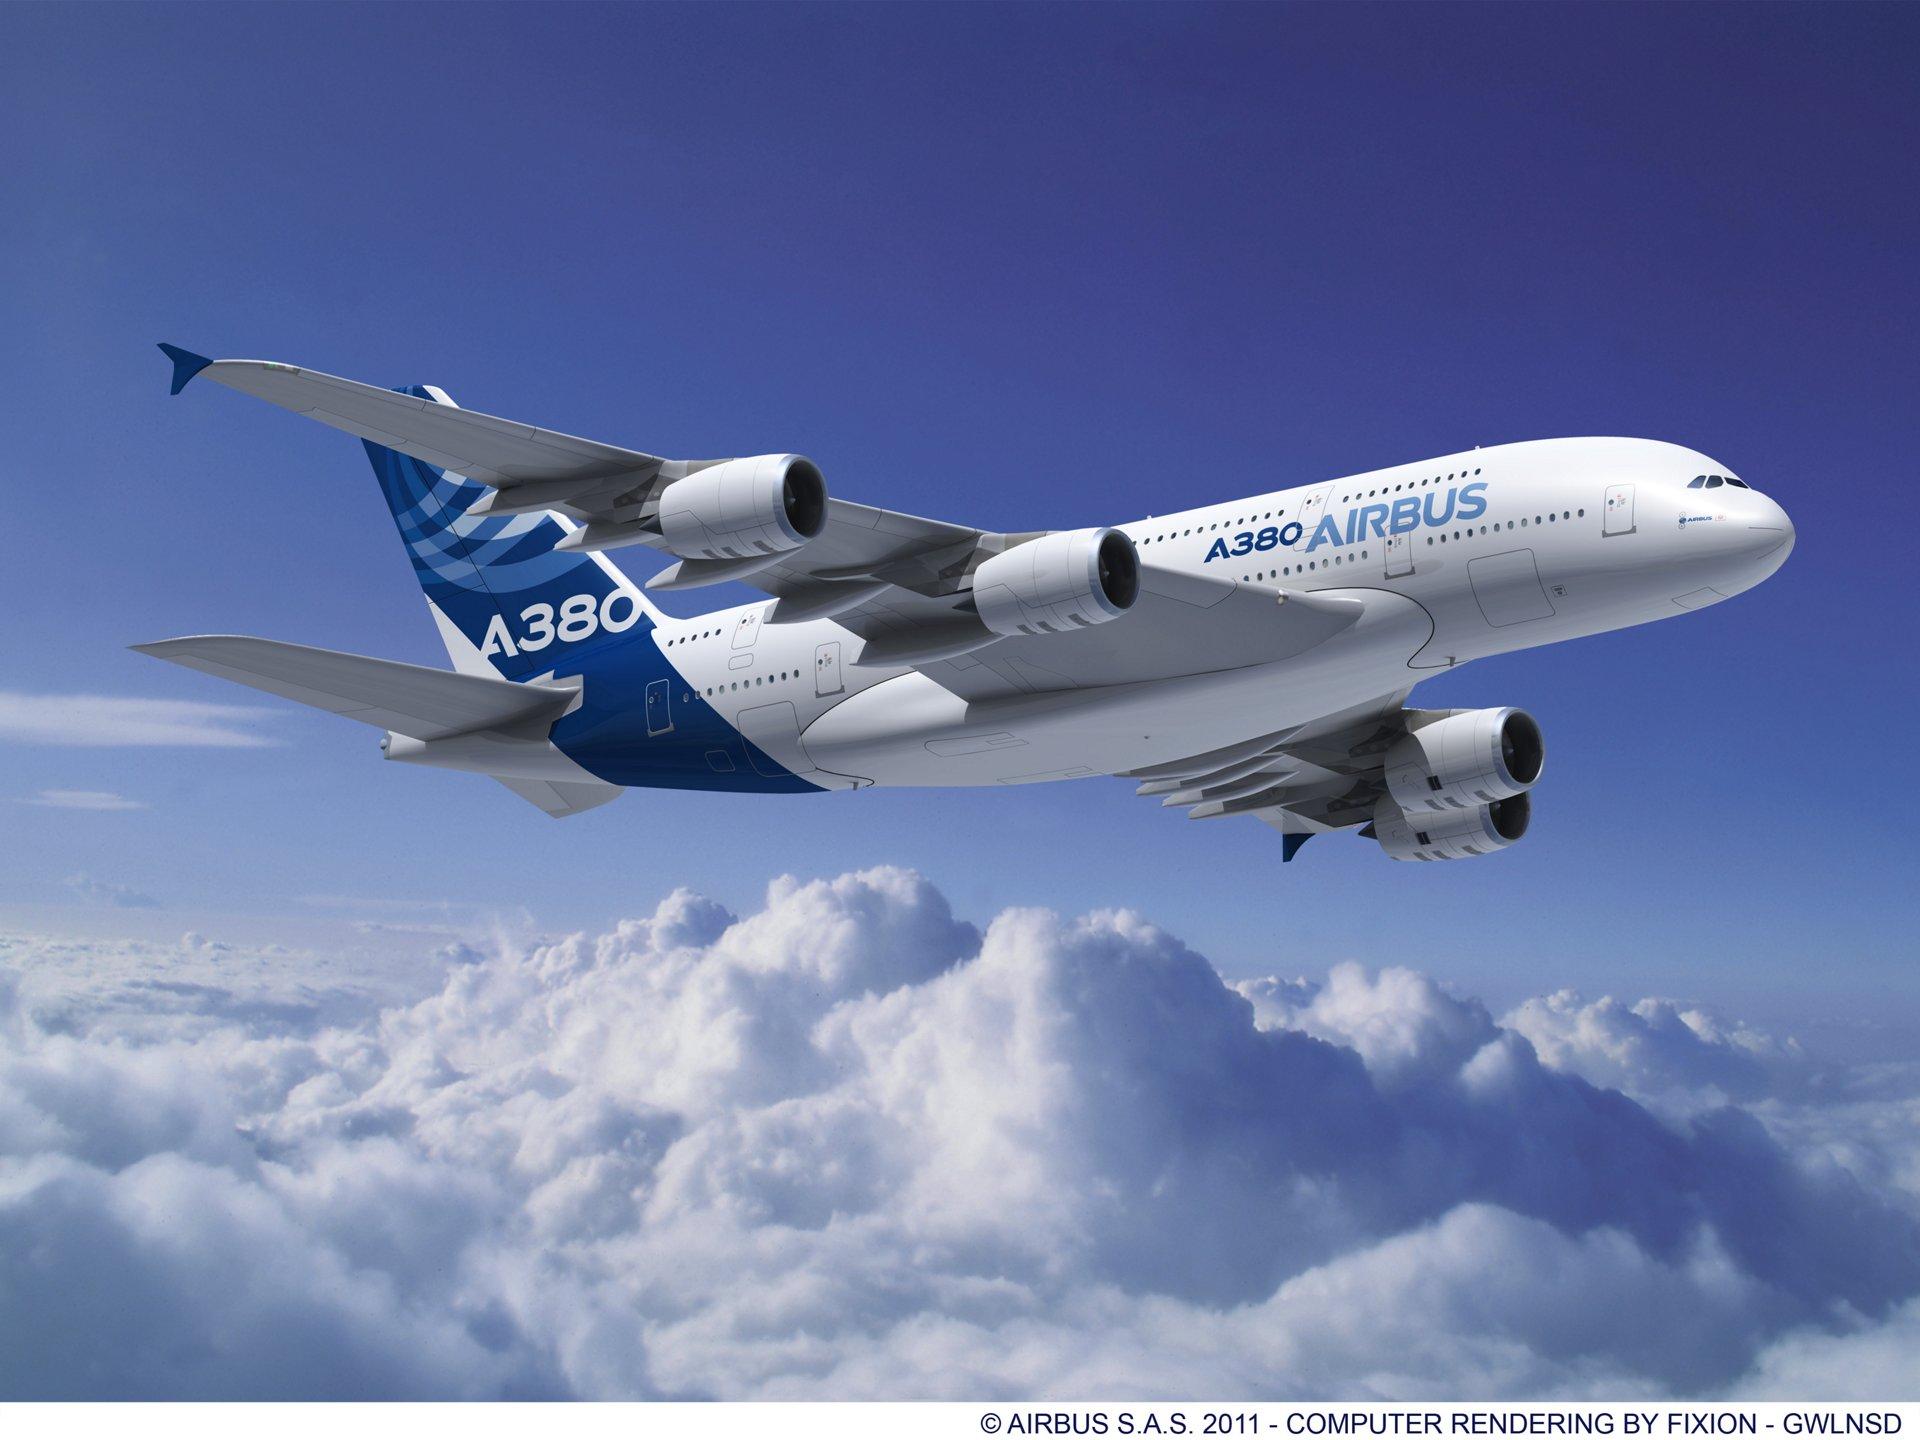 乐动体育app靠谱吗空中客车的21世纪旗舰A380  - 显示在此配备劳斯莱斯特伦特900发动机 - 正在为环境标准提高钢筋,其燃料消耗和噪音水平低,以及减少二氧化碳排放量。